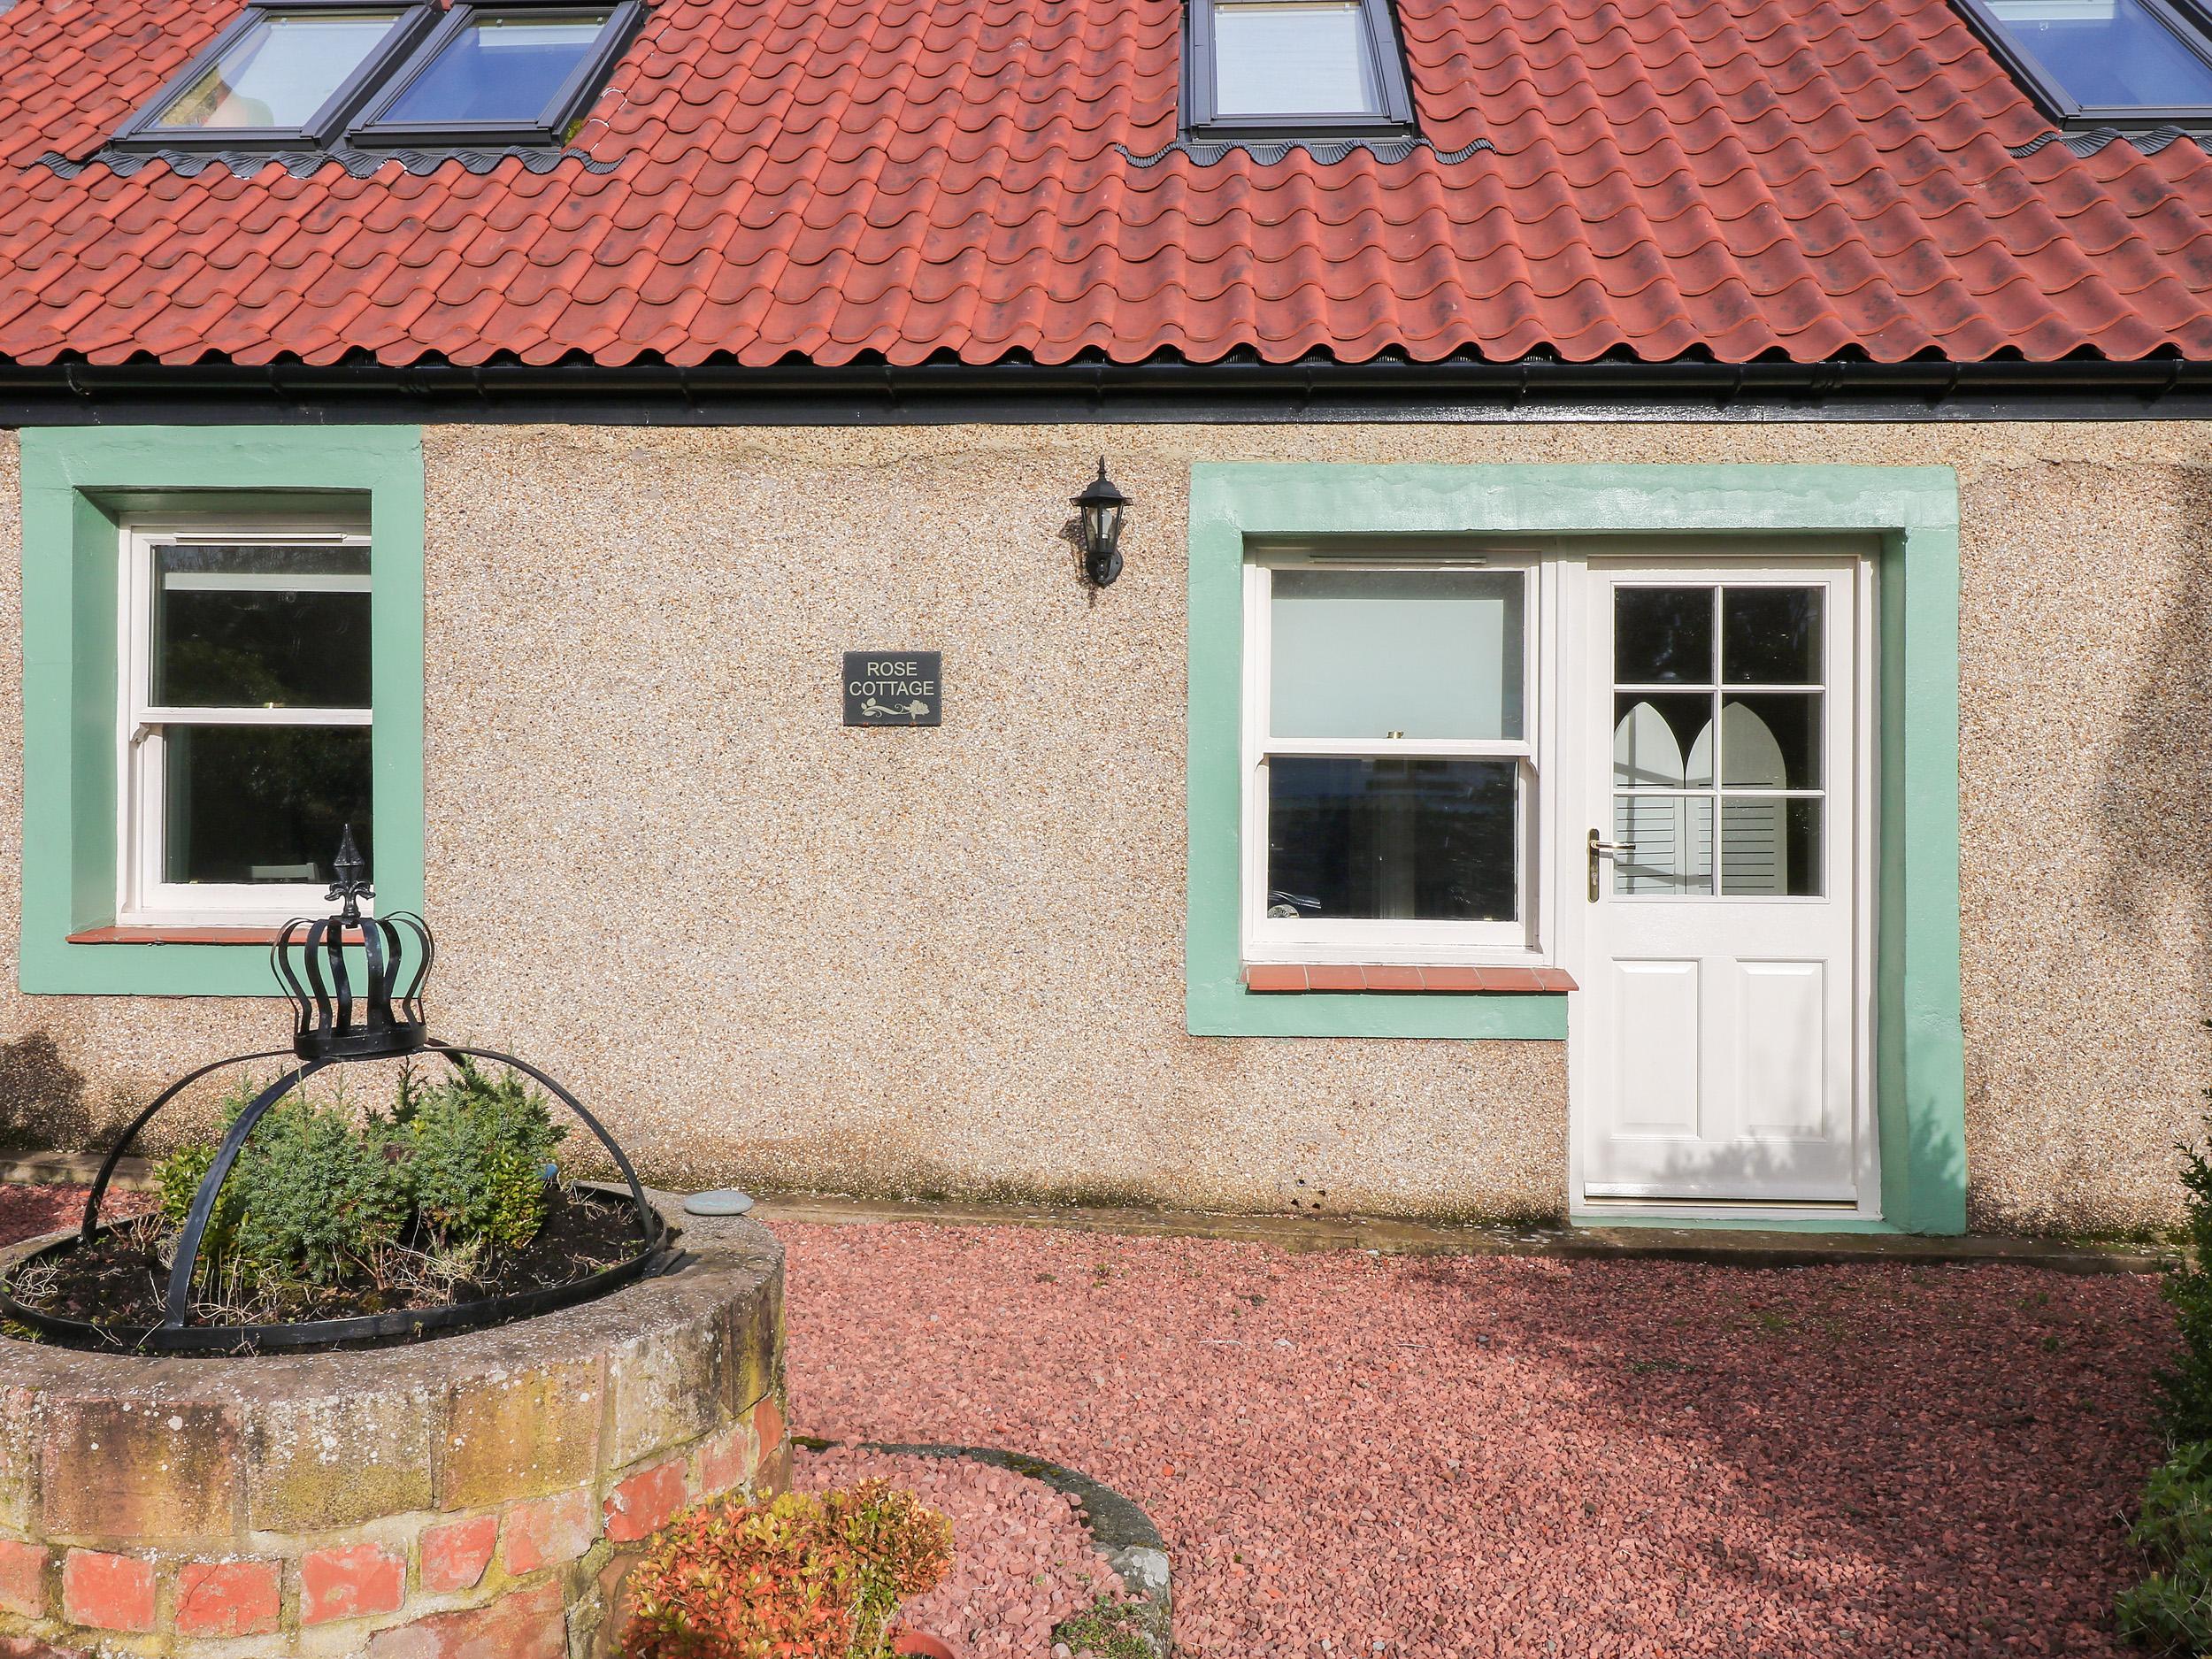 Rose Cottage, Coldingham